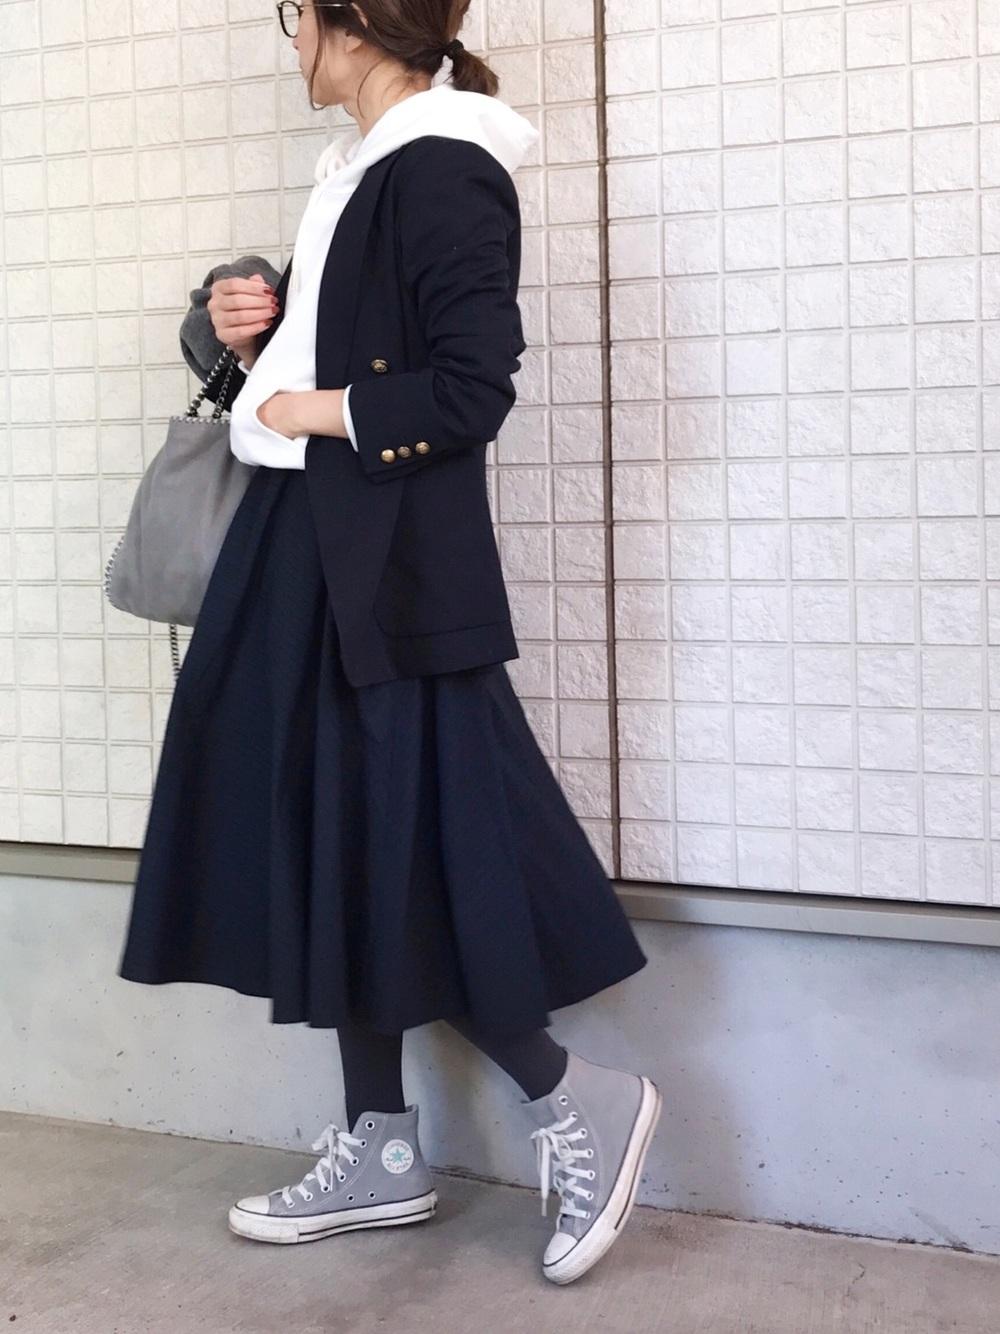 ネイビーのスカートとジャケットにホワイトパーカーのコーデ